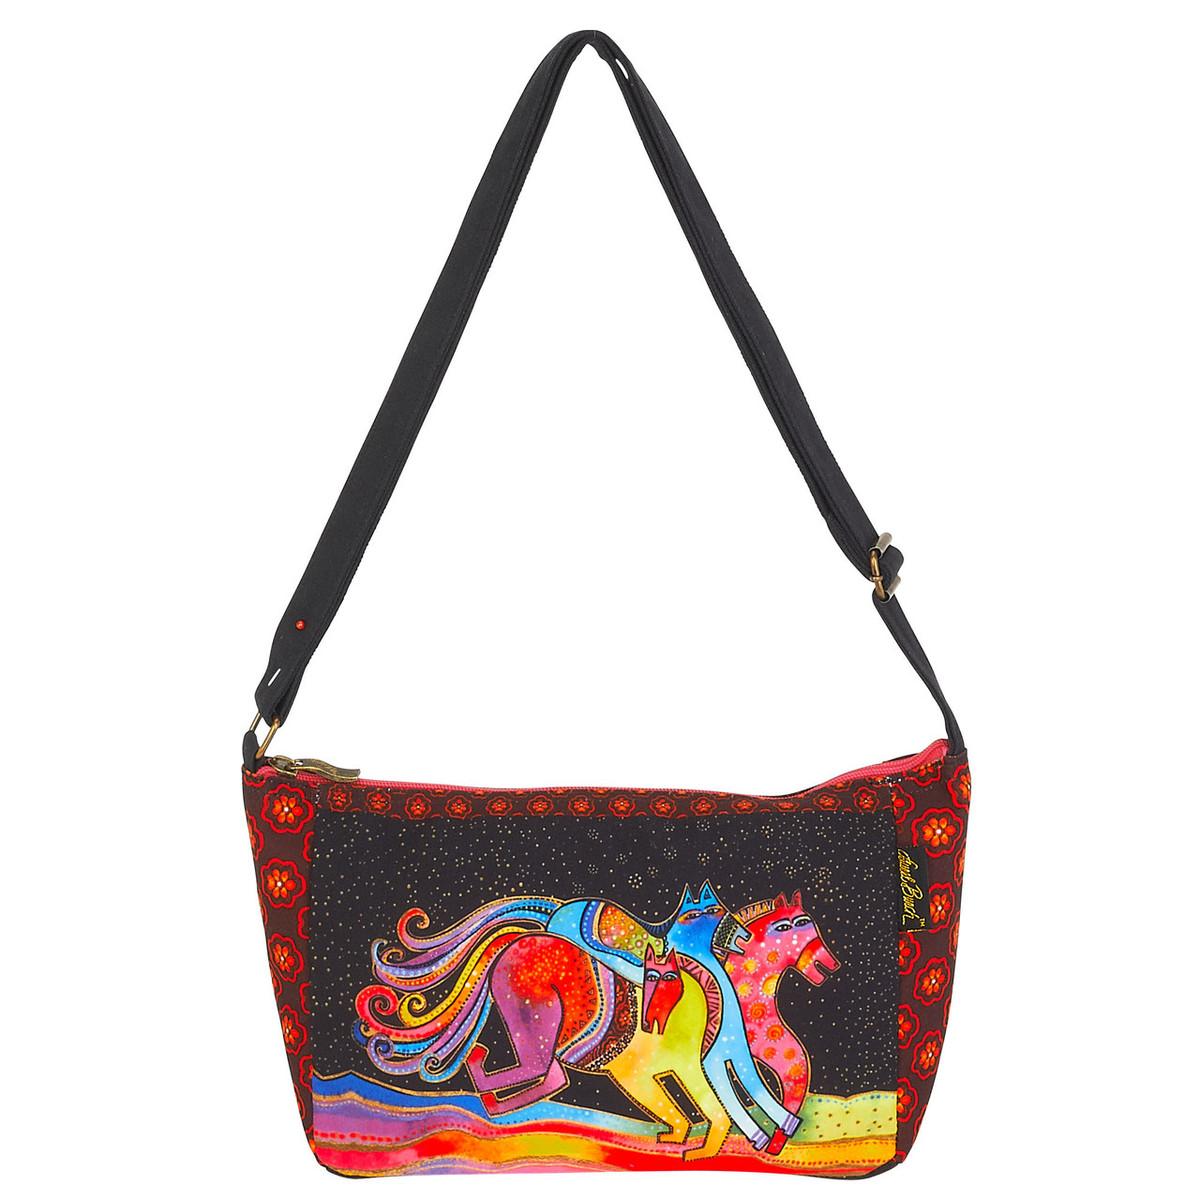 4f20600d4974 Laurel Burch Horse Caballos De Colores Crossbody Tote - LB6092